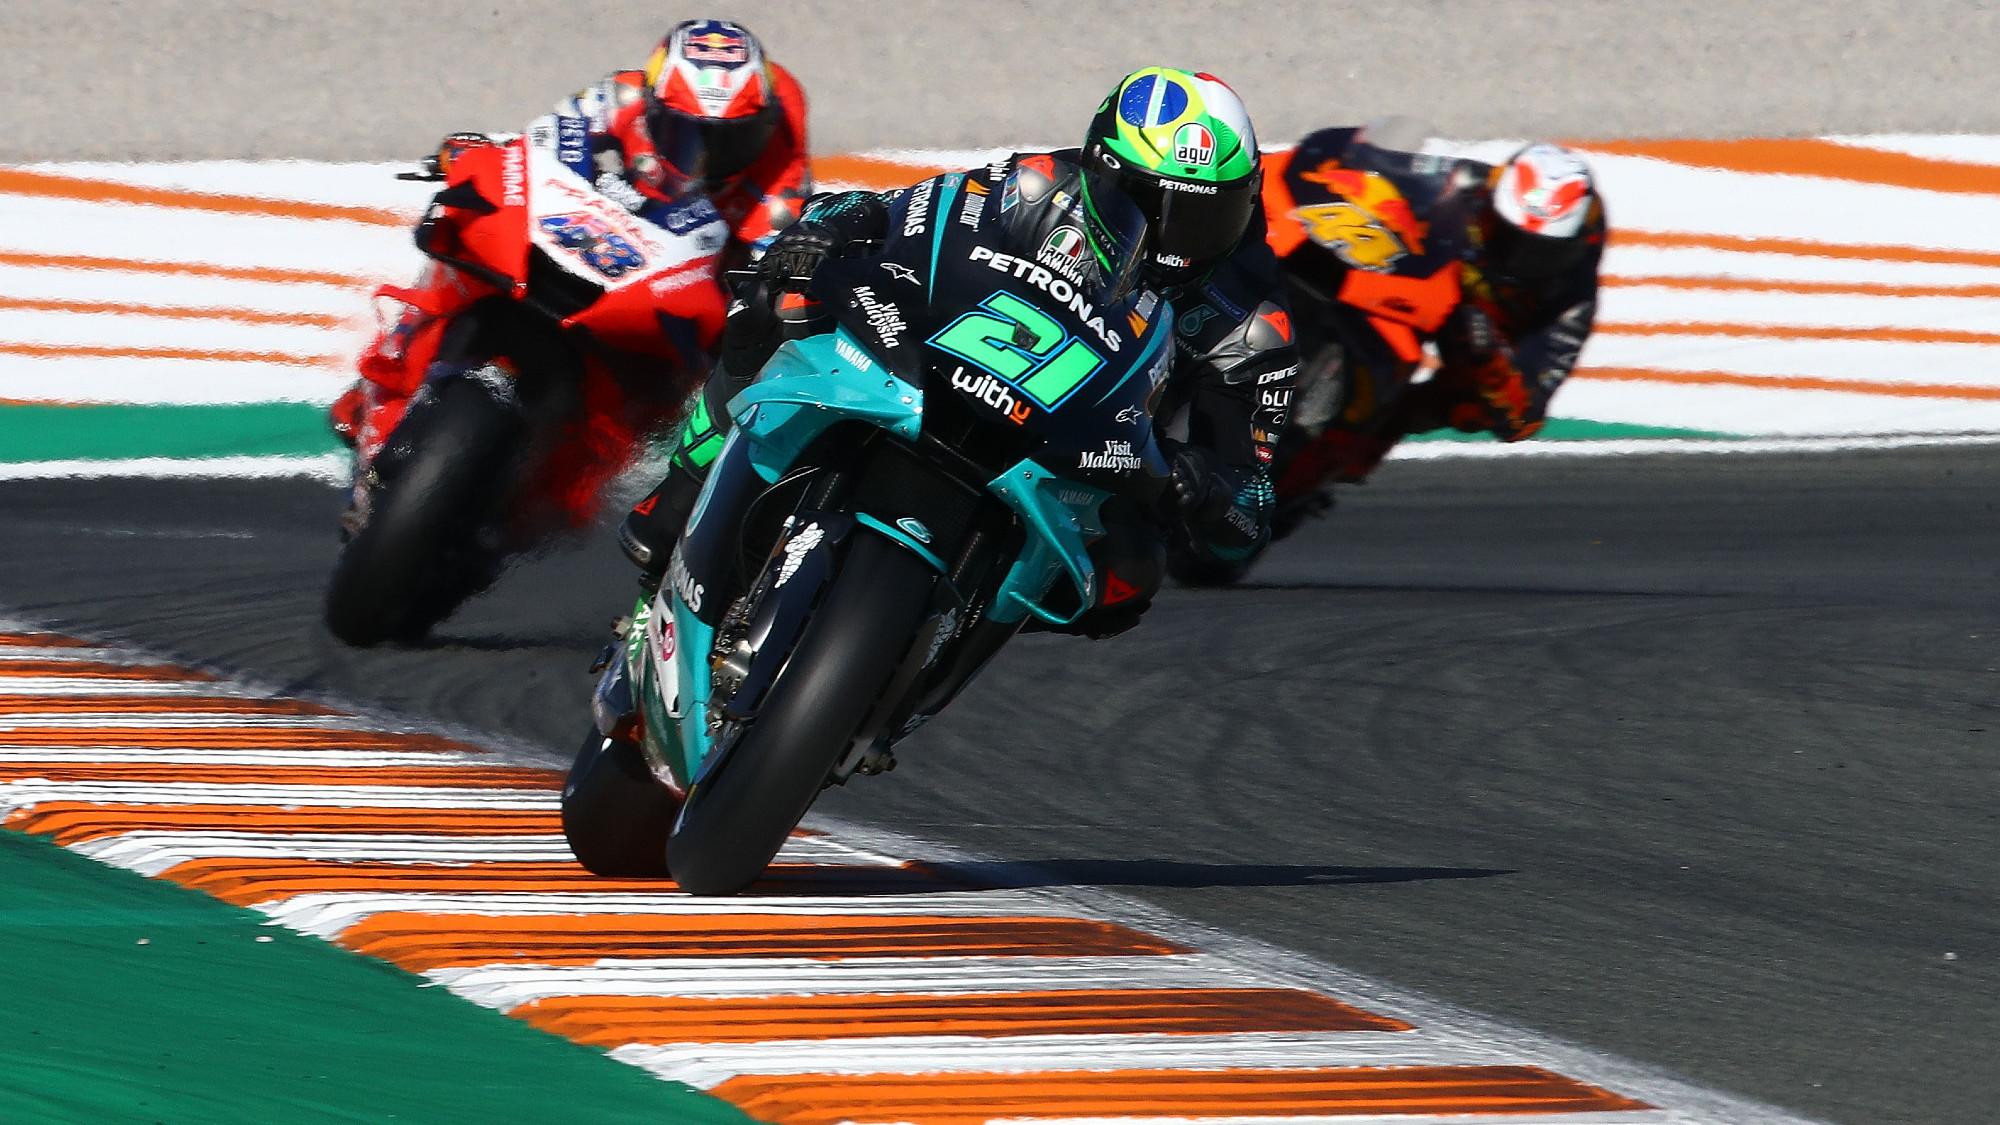 Franco Morbidelli, 2020 MotoGP Valencia GP